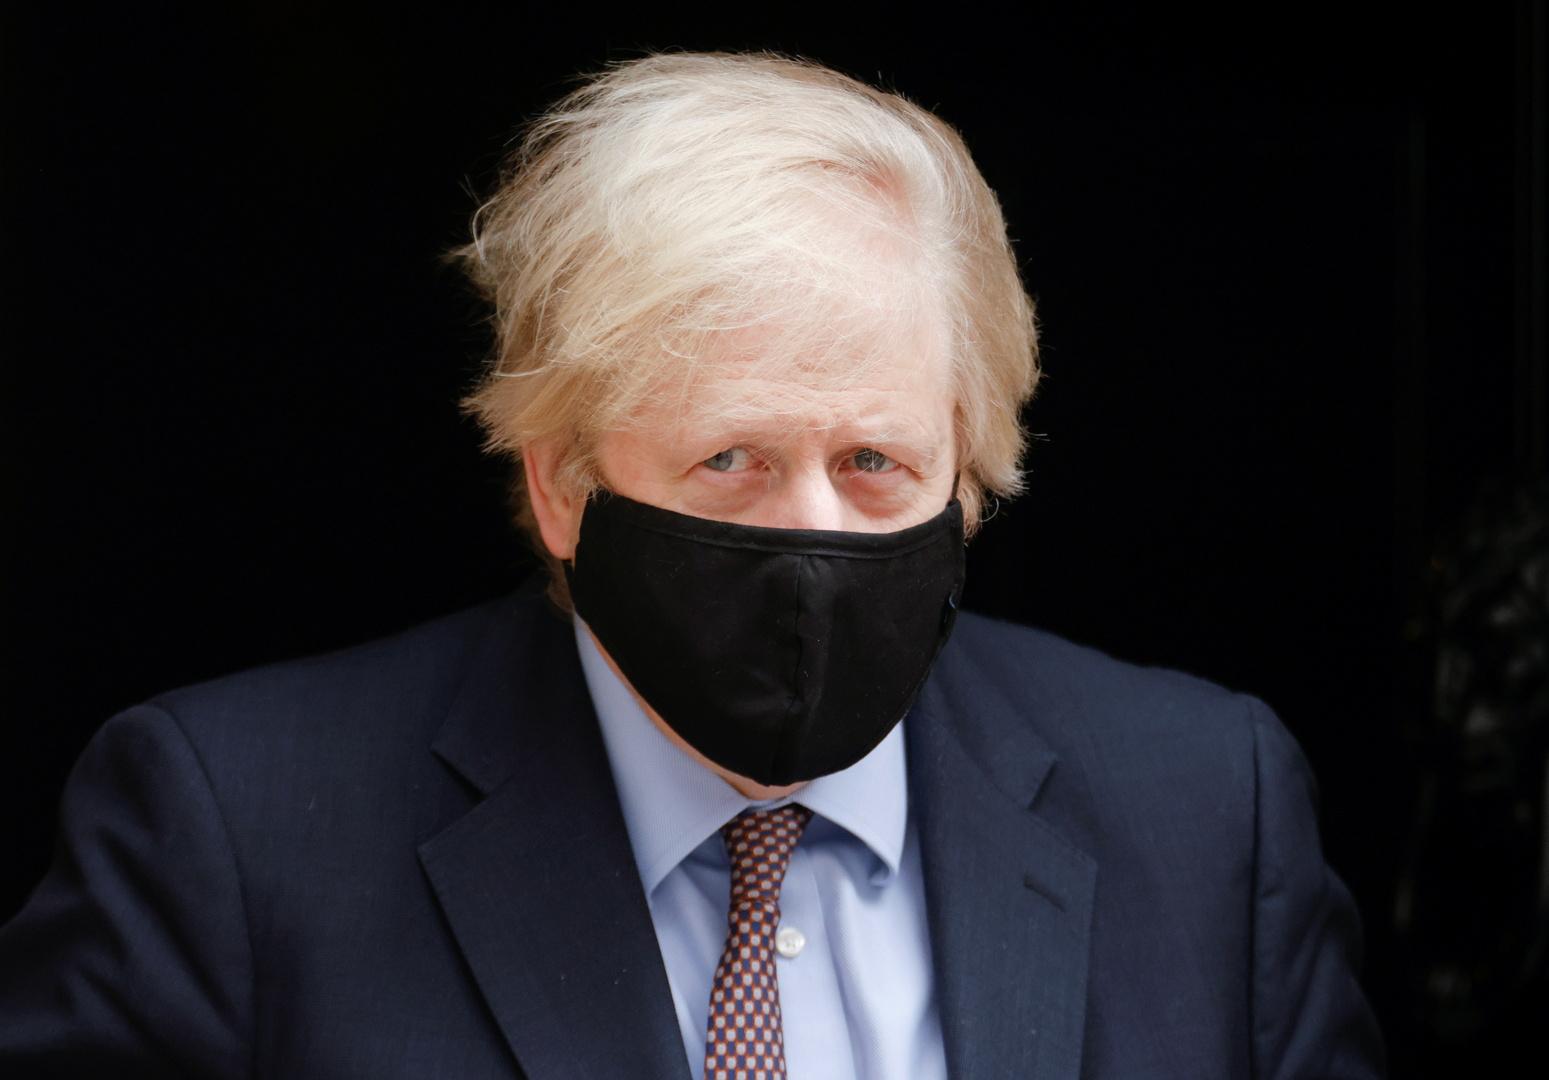 بريطانيا...2000 عائلة تتوجه لمقاضاة رئيس الوزراء بسبب كورونا